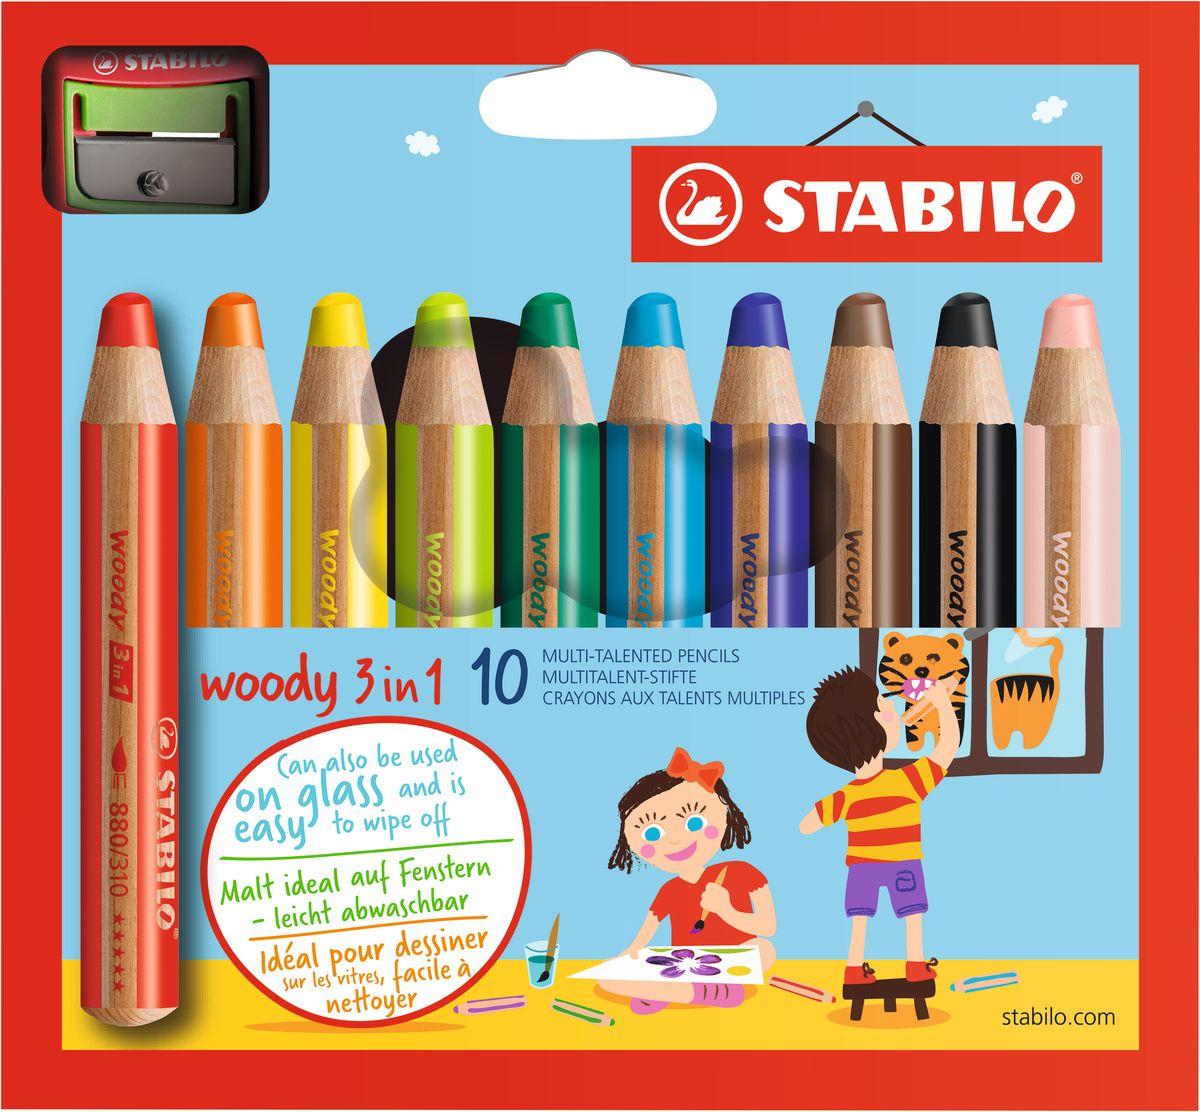 Stabilo Набор цветных карандашей Woody 3in1 10 цветов + точилкаC13S041944Супертолстый цветной карандаш, акварель и восковой мелок в одном. Это уникальные карандаши, сочетающие в себе возможности цветных карандашей, акварельных красок и восковых мелков. Пишут практически на всех гладких поверхностях, сключая сткло! Обеспечивают великолепный результат на темной бумаге благодаря исключительной яркости и интенсивности цвета. Великолепные акварельные качества. Очень прочный грифель диаметром 10 см для мягких штрихов. Цвет корпуса карандаша соответсвует цвету грифеля. Набор из 10 карандашей ПЛЮС точилка для толстых карандашей.